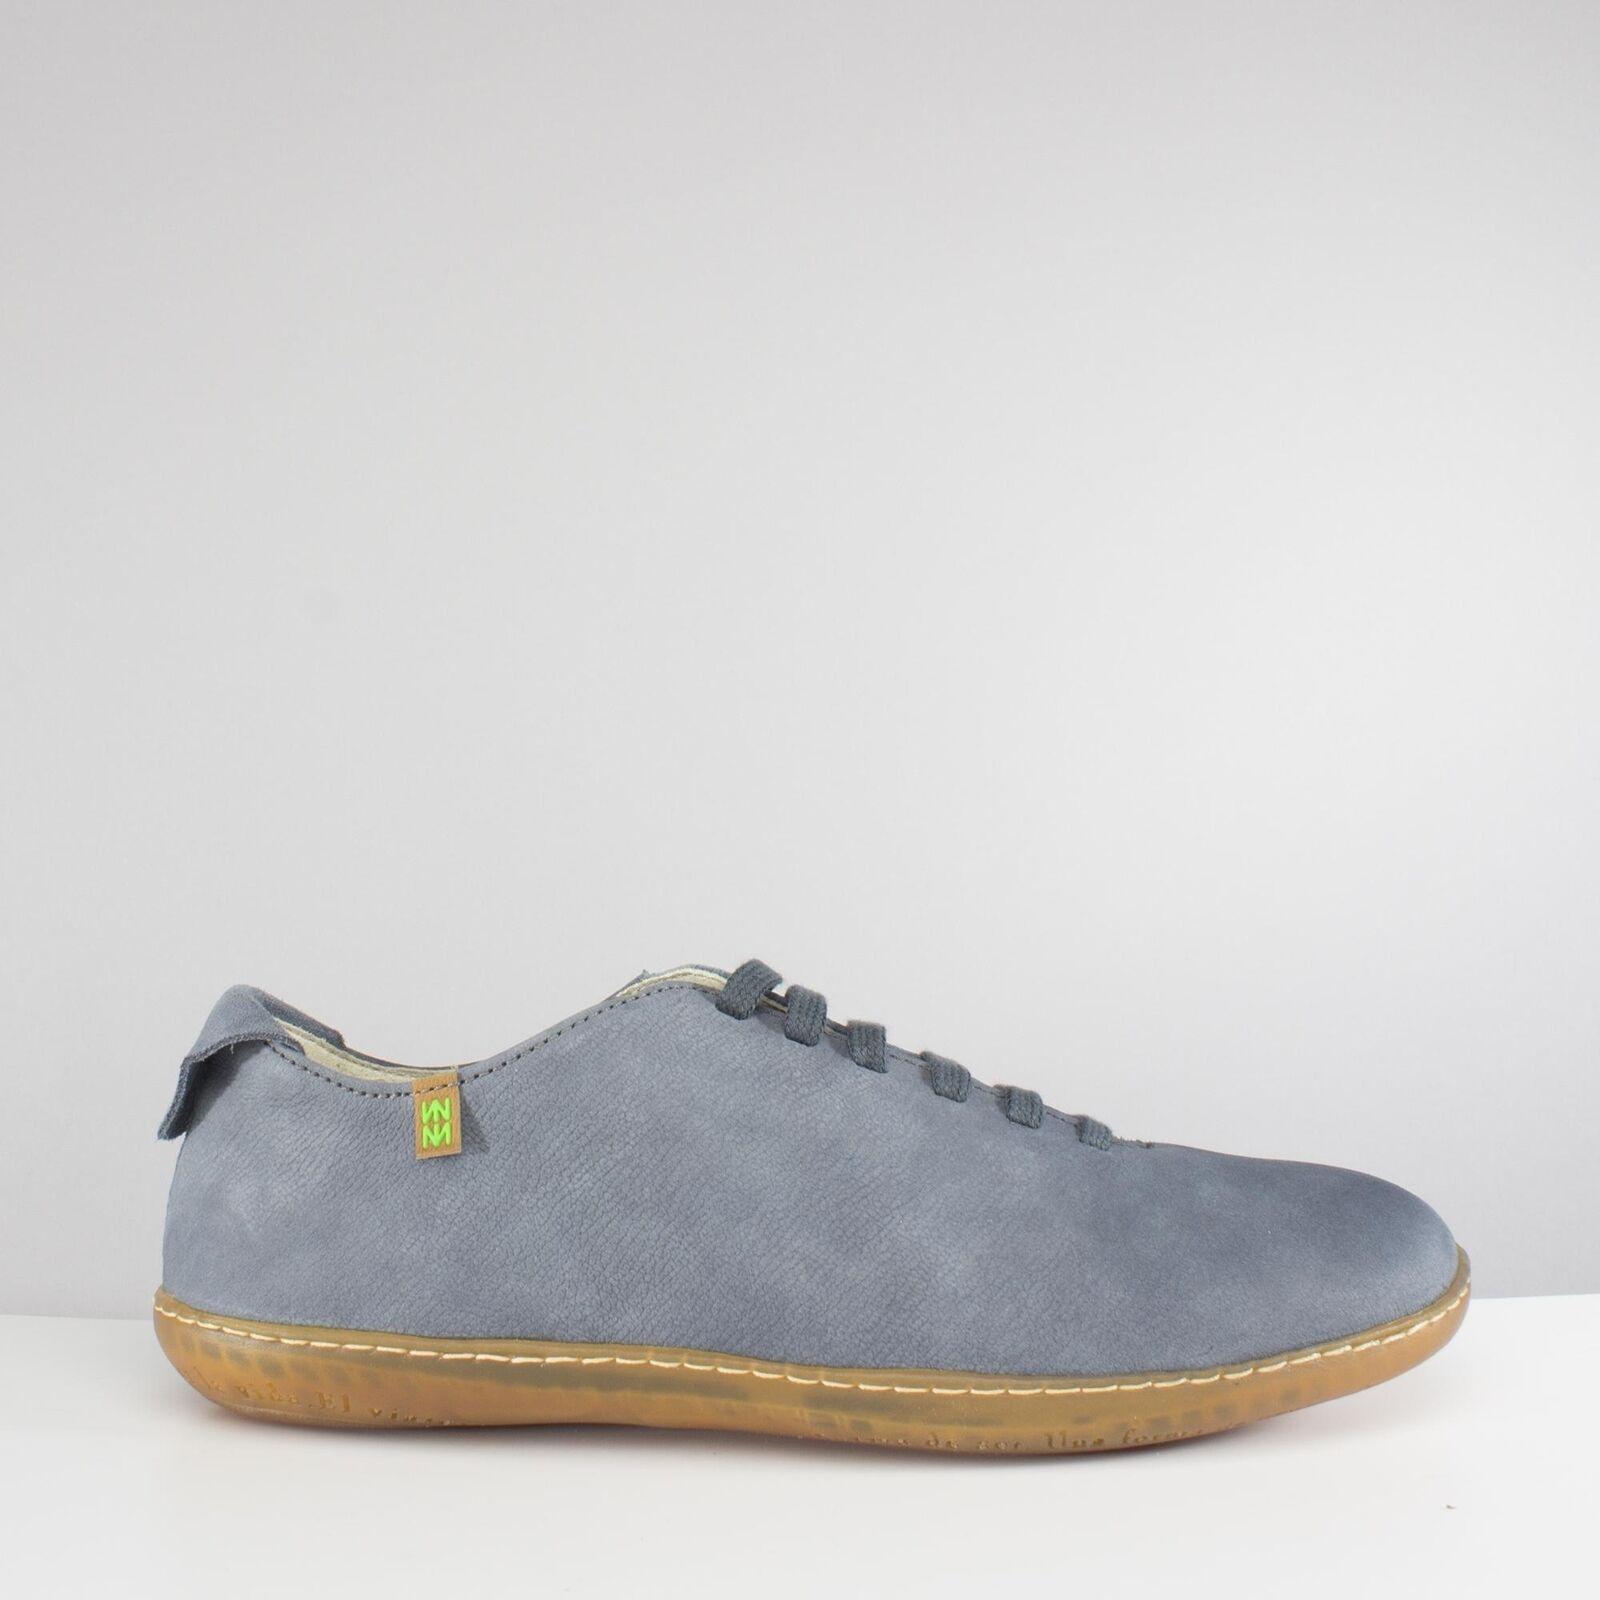 El Naturalista N296 EL VIAJERO Ladies femmes  Leather Casual  Chaussures  Vaquero bleu